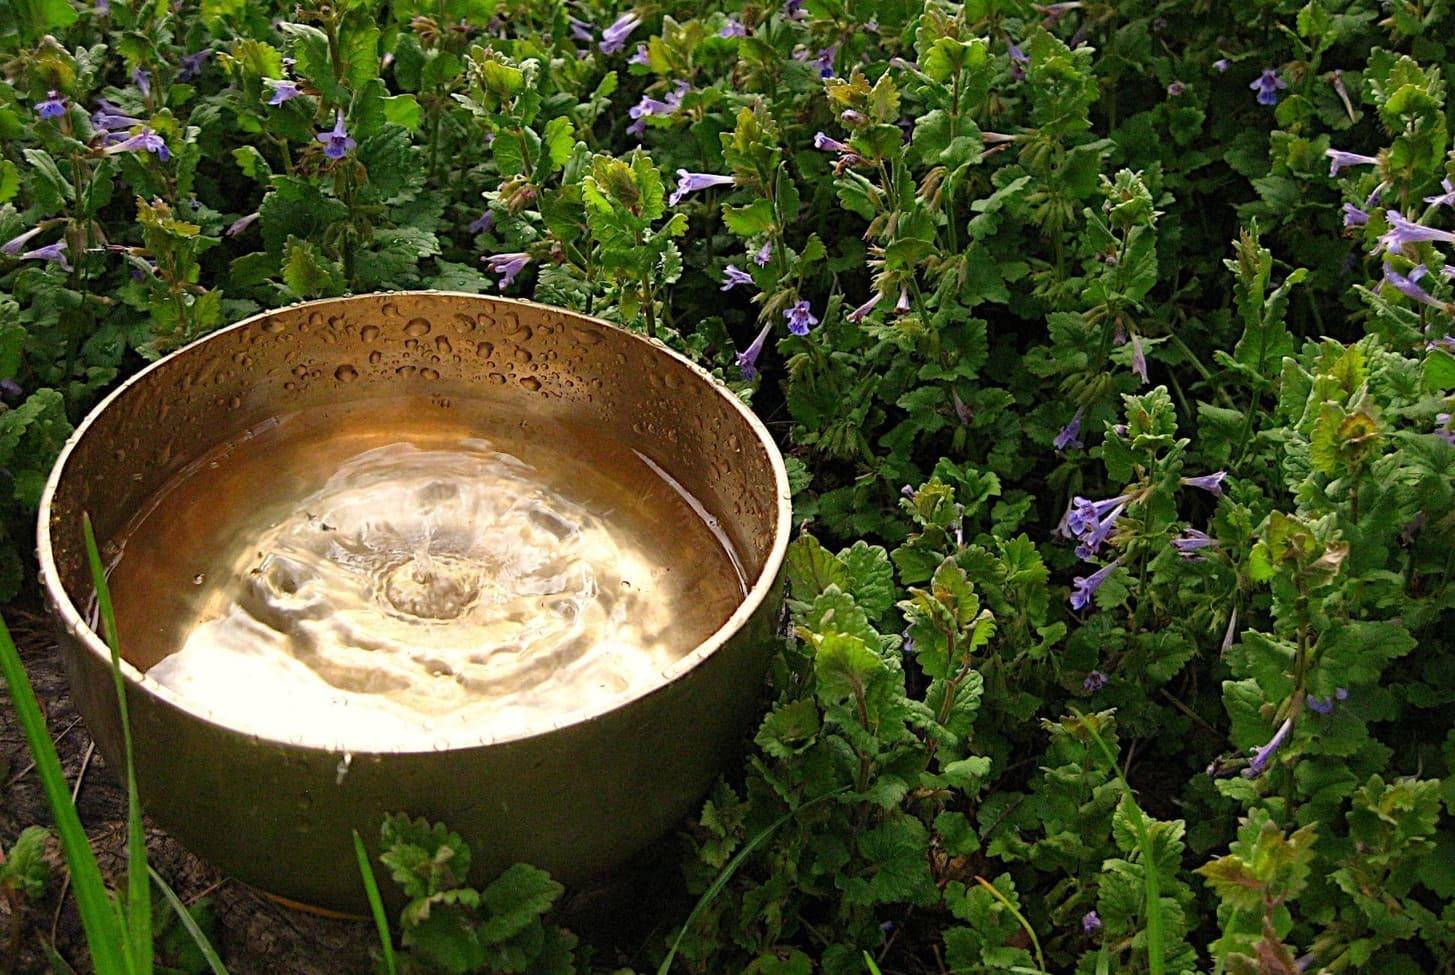 Eine Klangschale, mit Wasser gefüllt, auf dessen Oberfläche die Form einer Blüte zu erkennen ist.